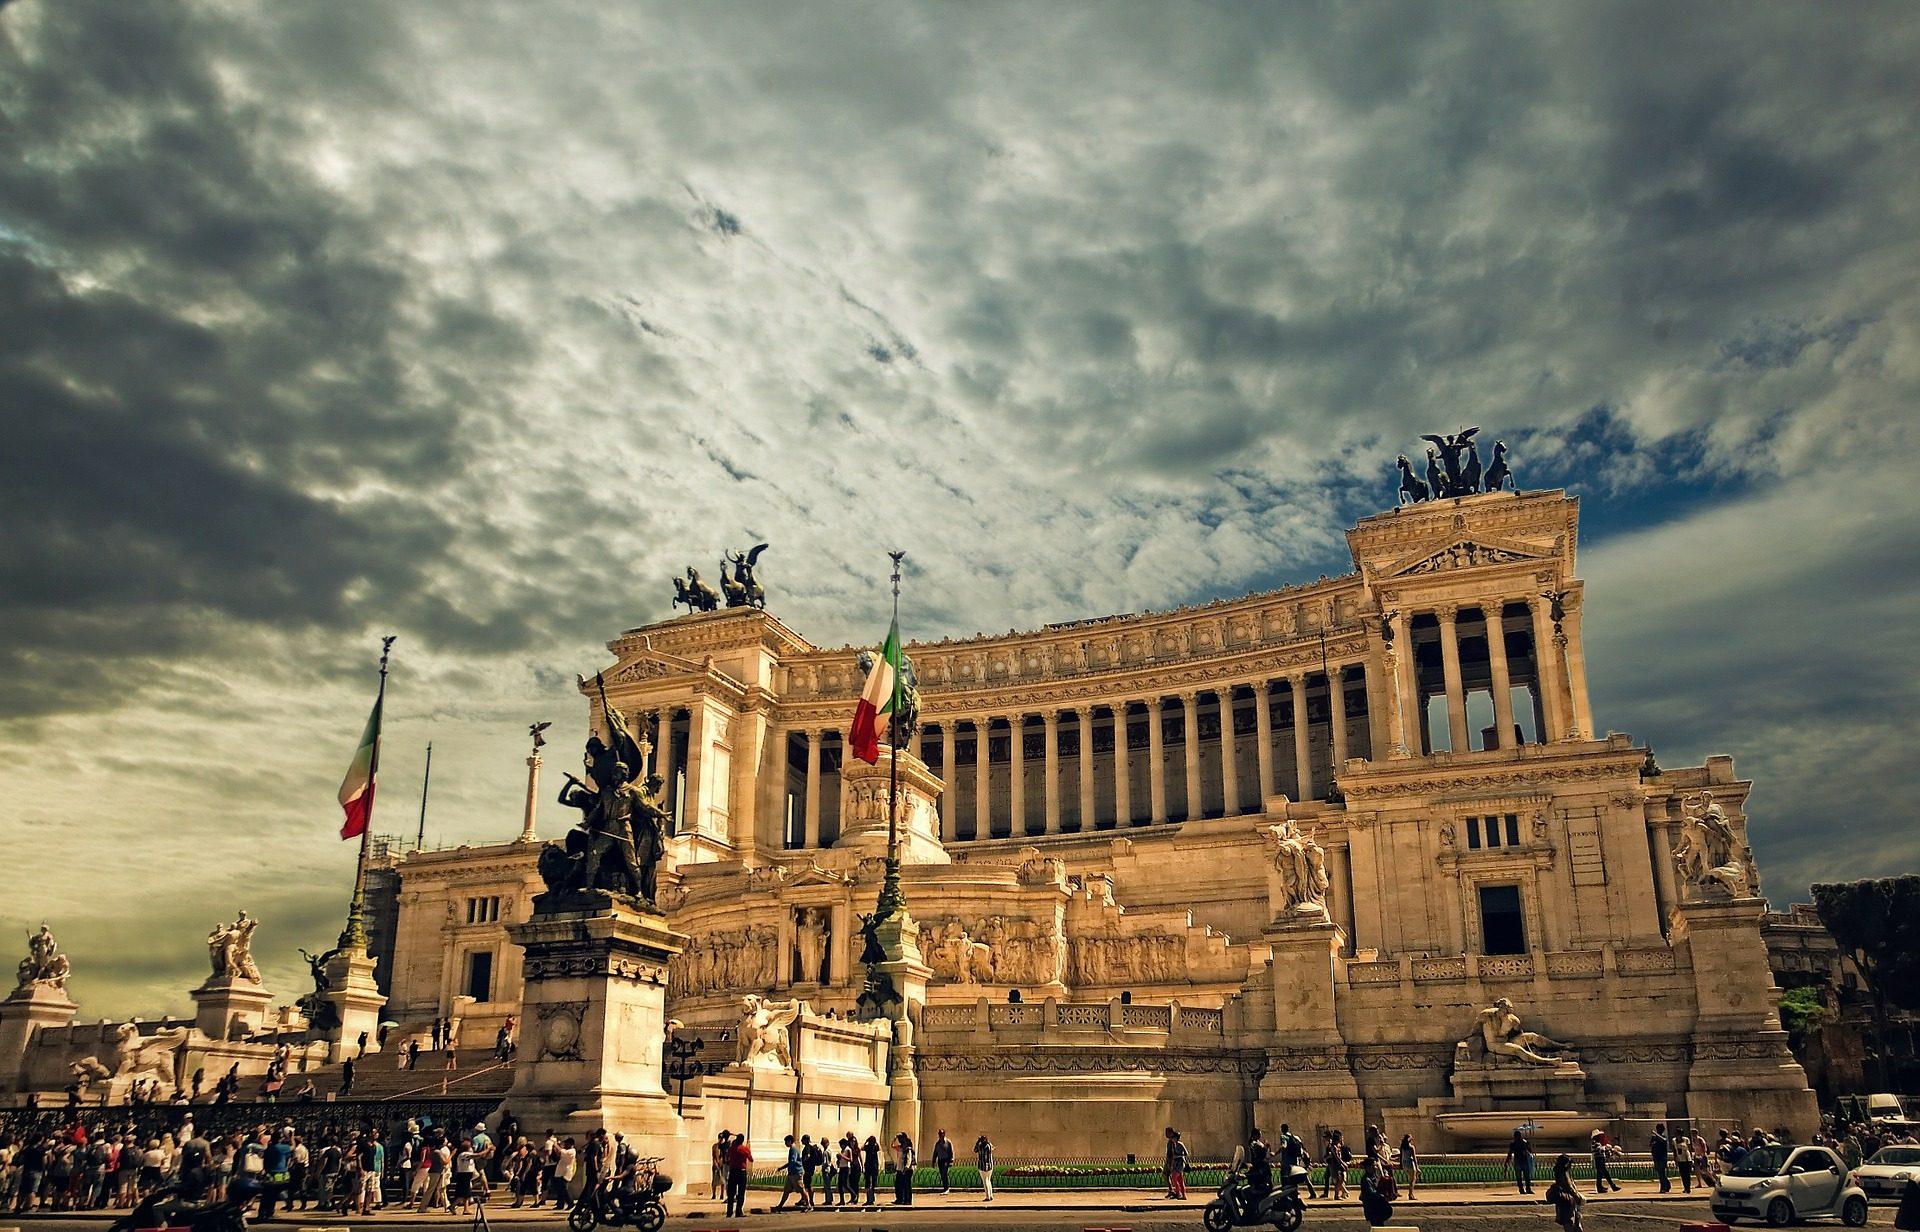 Übernachten in Rom ab 11,38€ die Nacht im Bungalow Italien City Pass 28,00€ 1